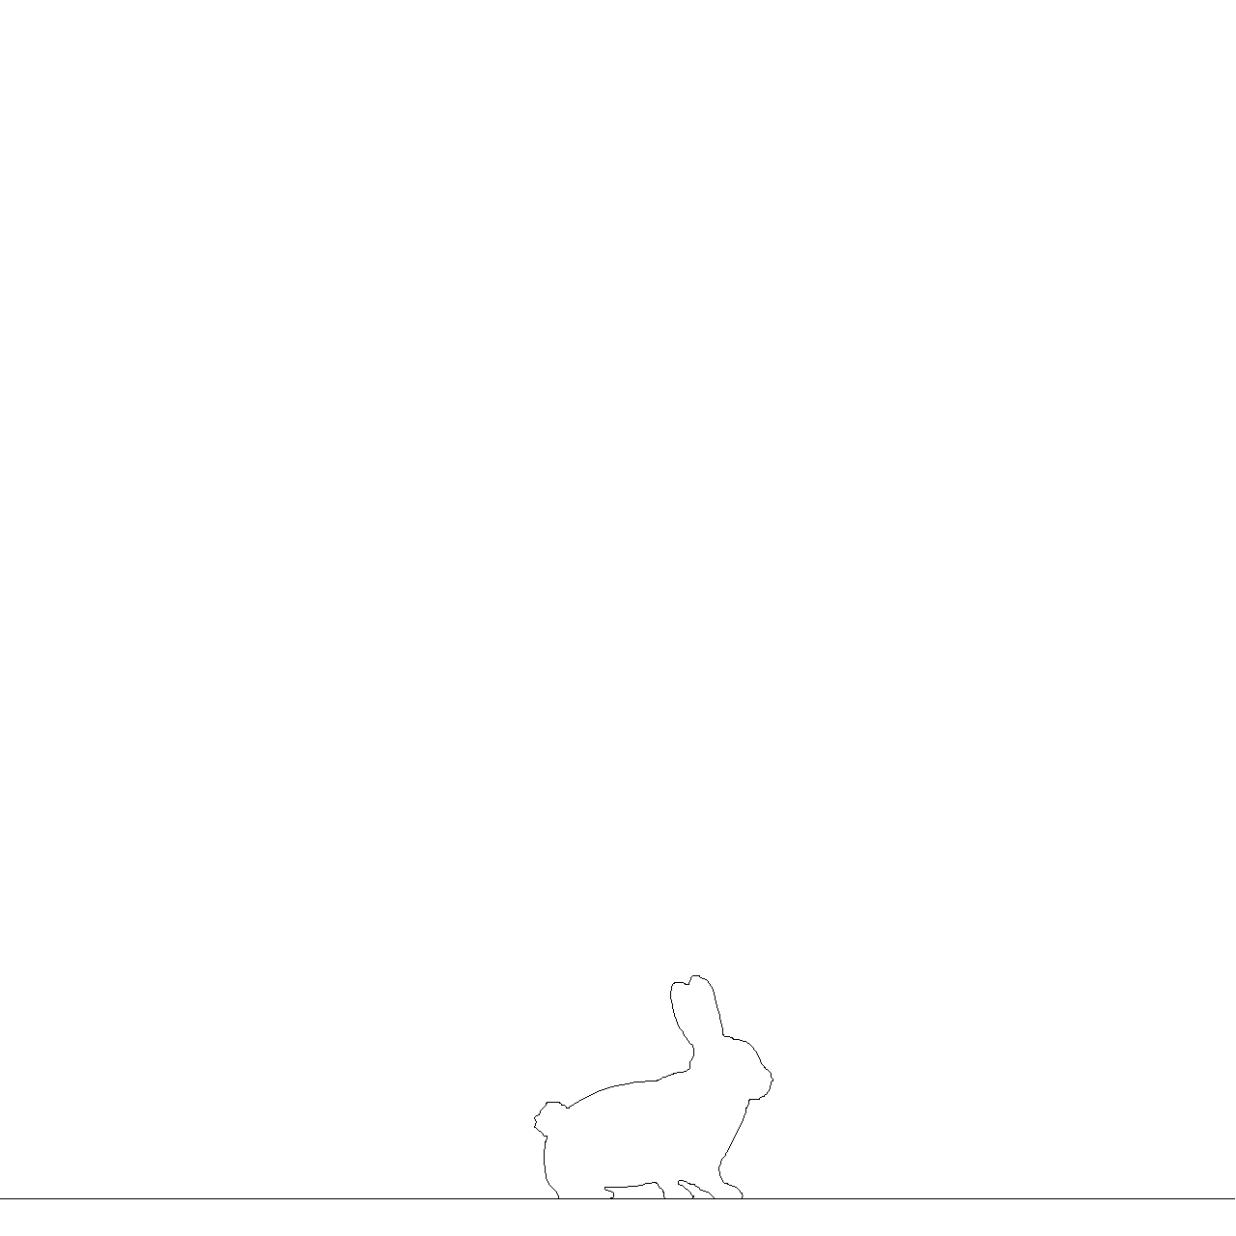 うさぎの2DCAD部品丨シルエット 動物 兎丨無料 商用可能 フリー素材 フリーデータ AUTOCAD DWG DXF